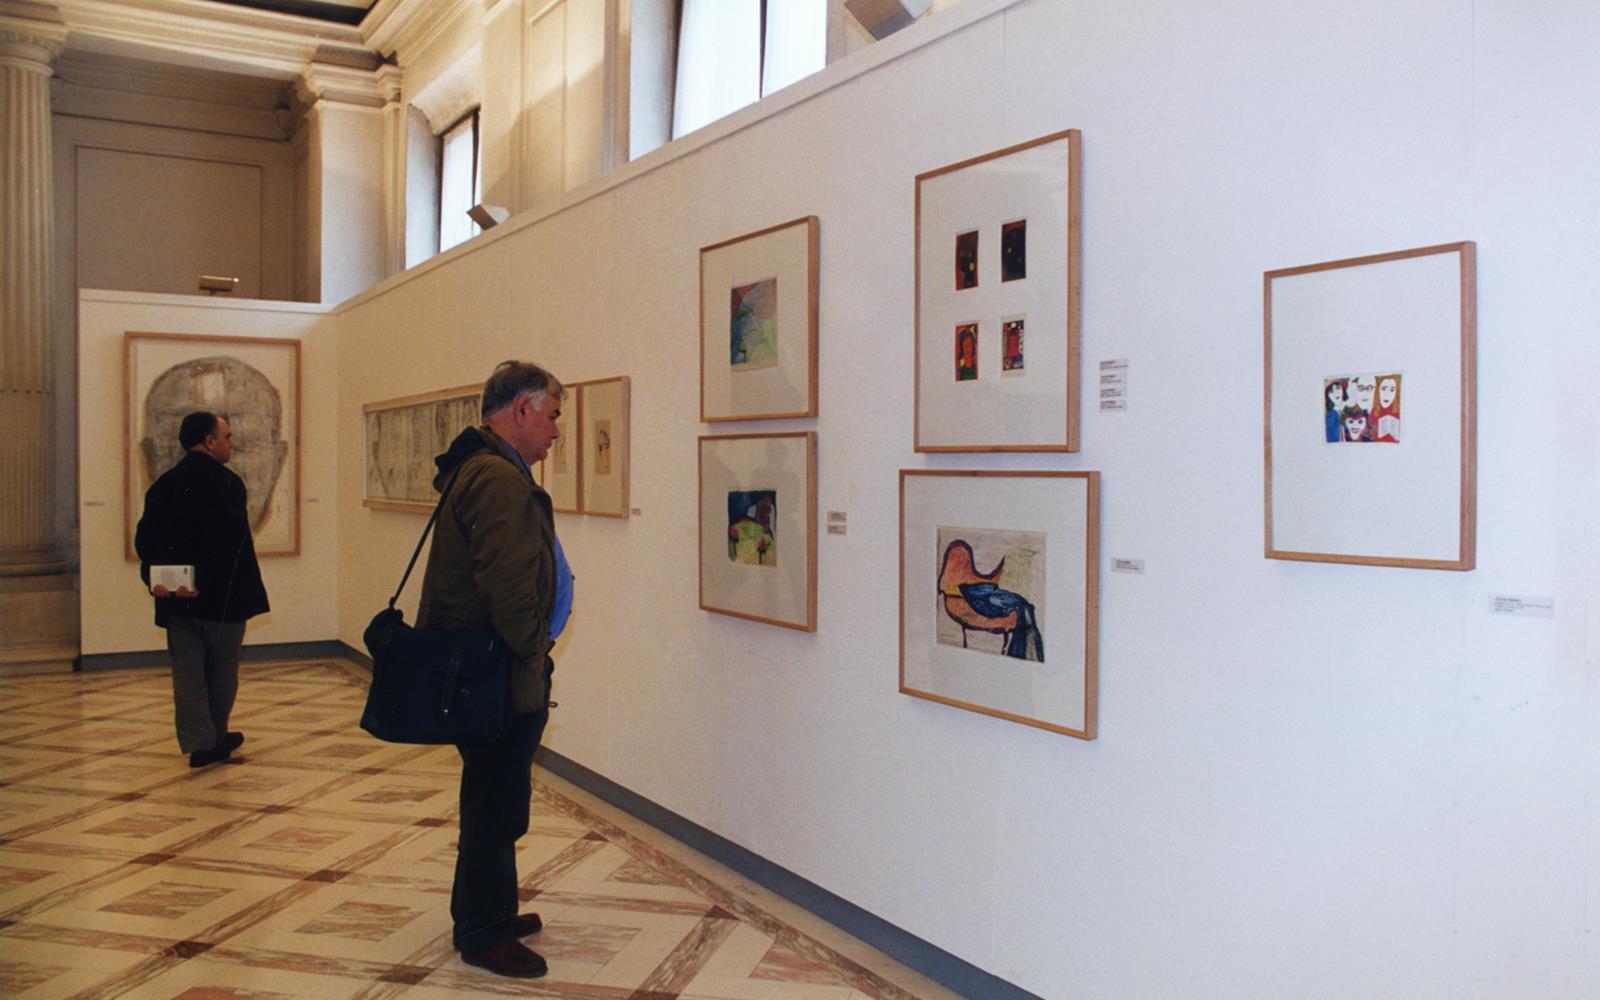 Autoportraits. Œuvres sur Papier de la Collection du Centre d'Art Moderne José de Azeredo Perdigão de la Fondation Calouste Gulbenkian